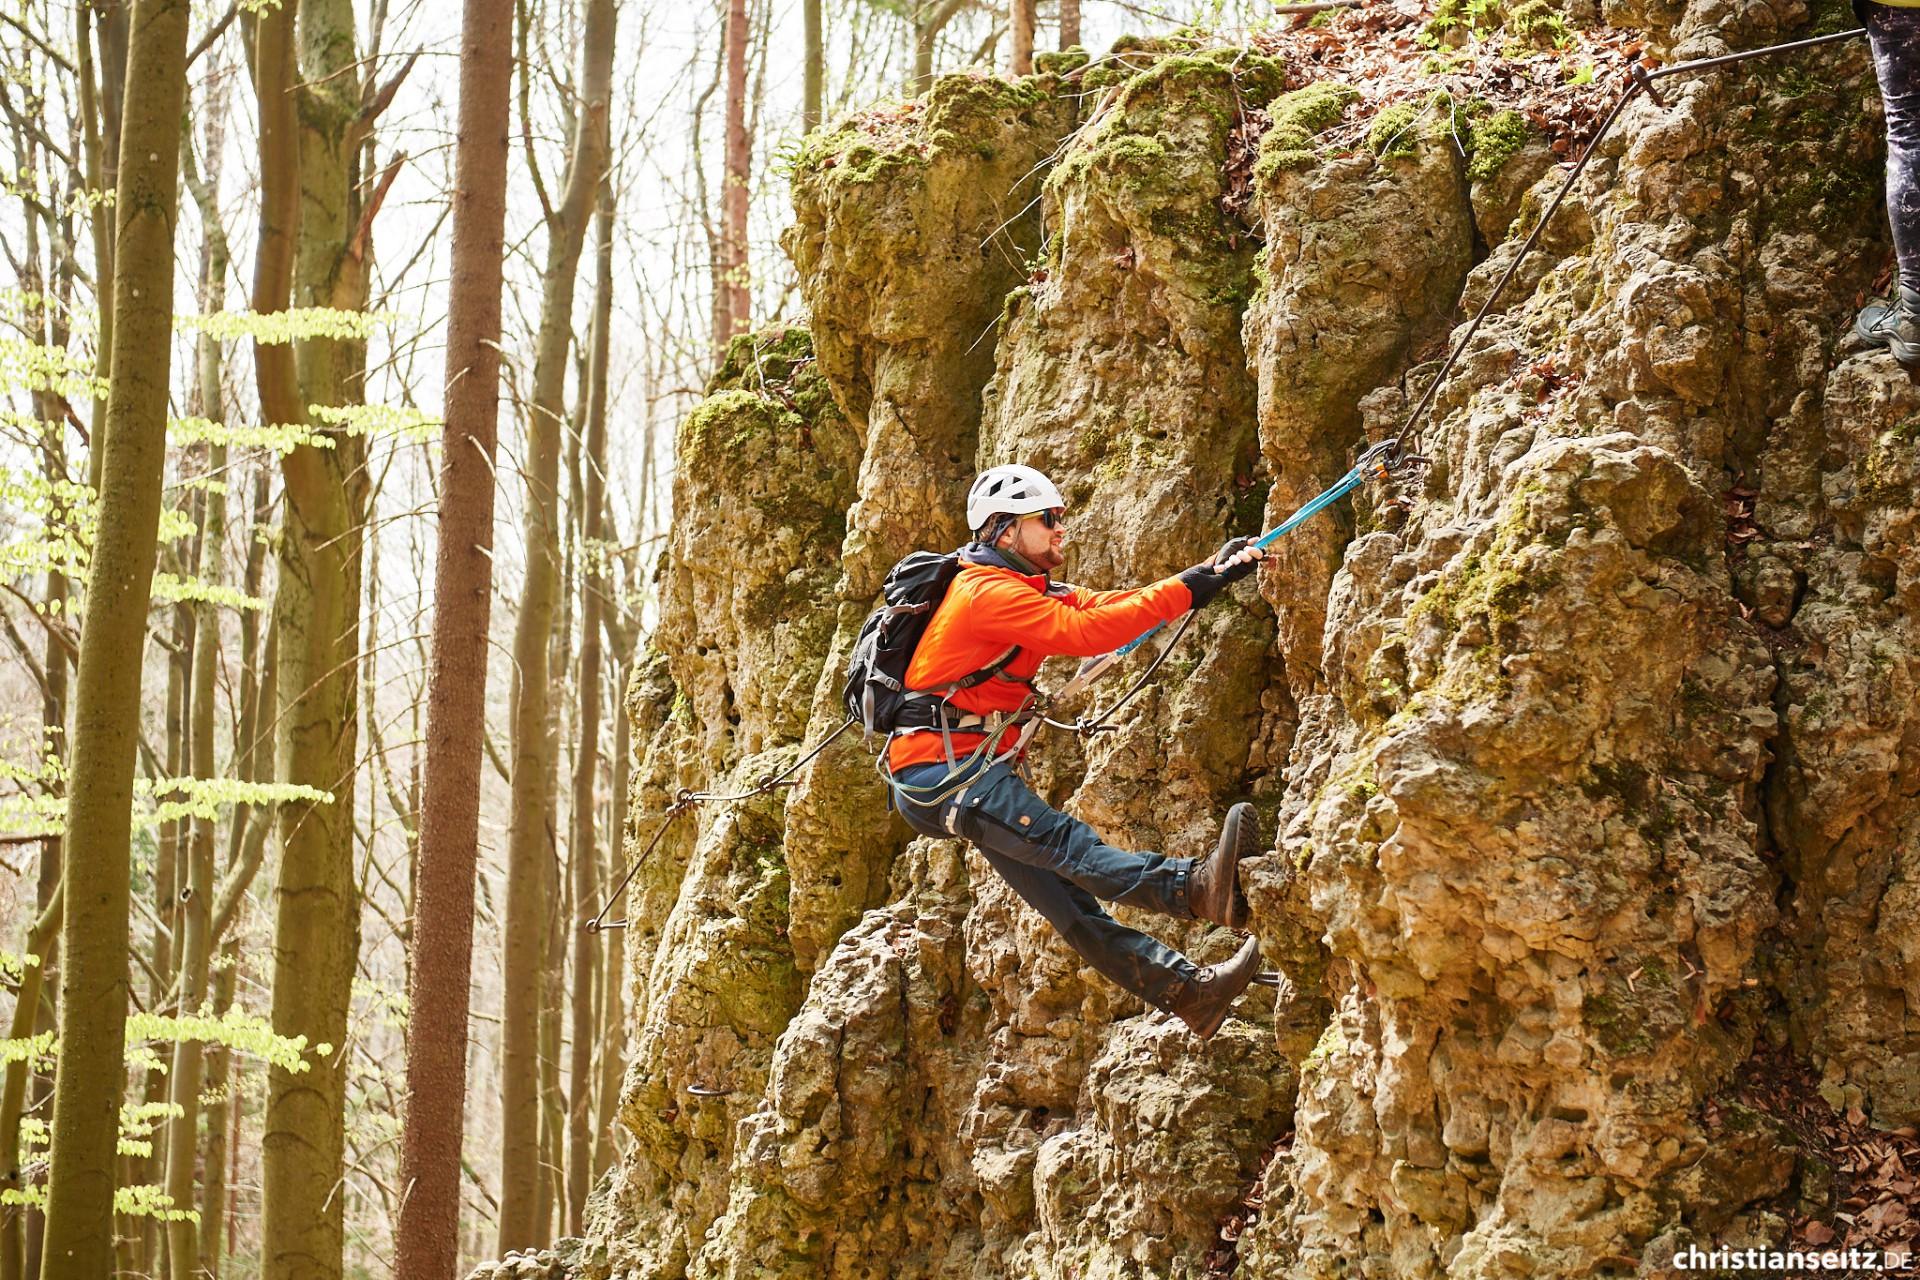 Tree Rider Klettergurt : Https: www.via ferrata.de klettersteig quiz welche klettersteige kennst